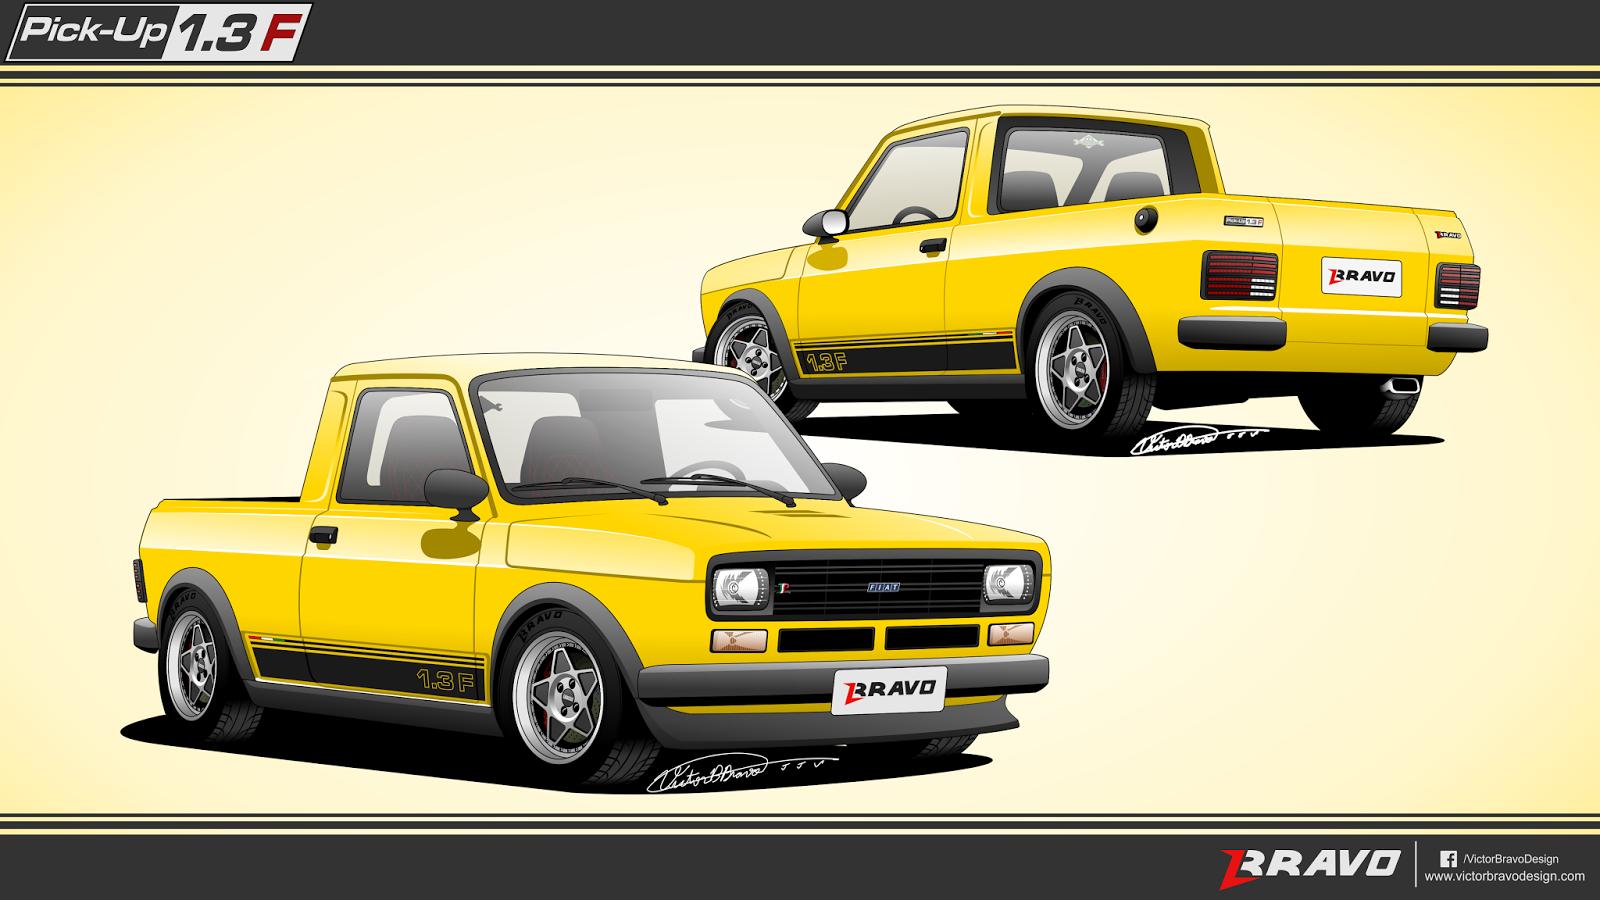 """Imagem mostrando o desenho do projeto da Fiat Pick-Up 147 """"1.3F"""""""